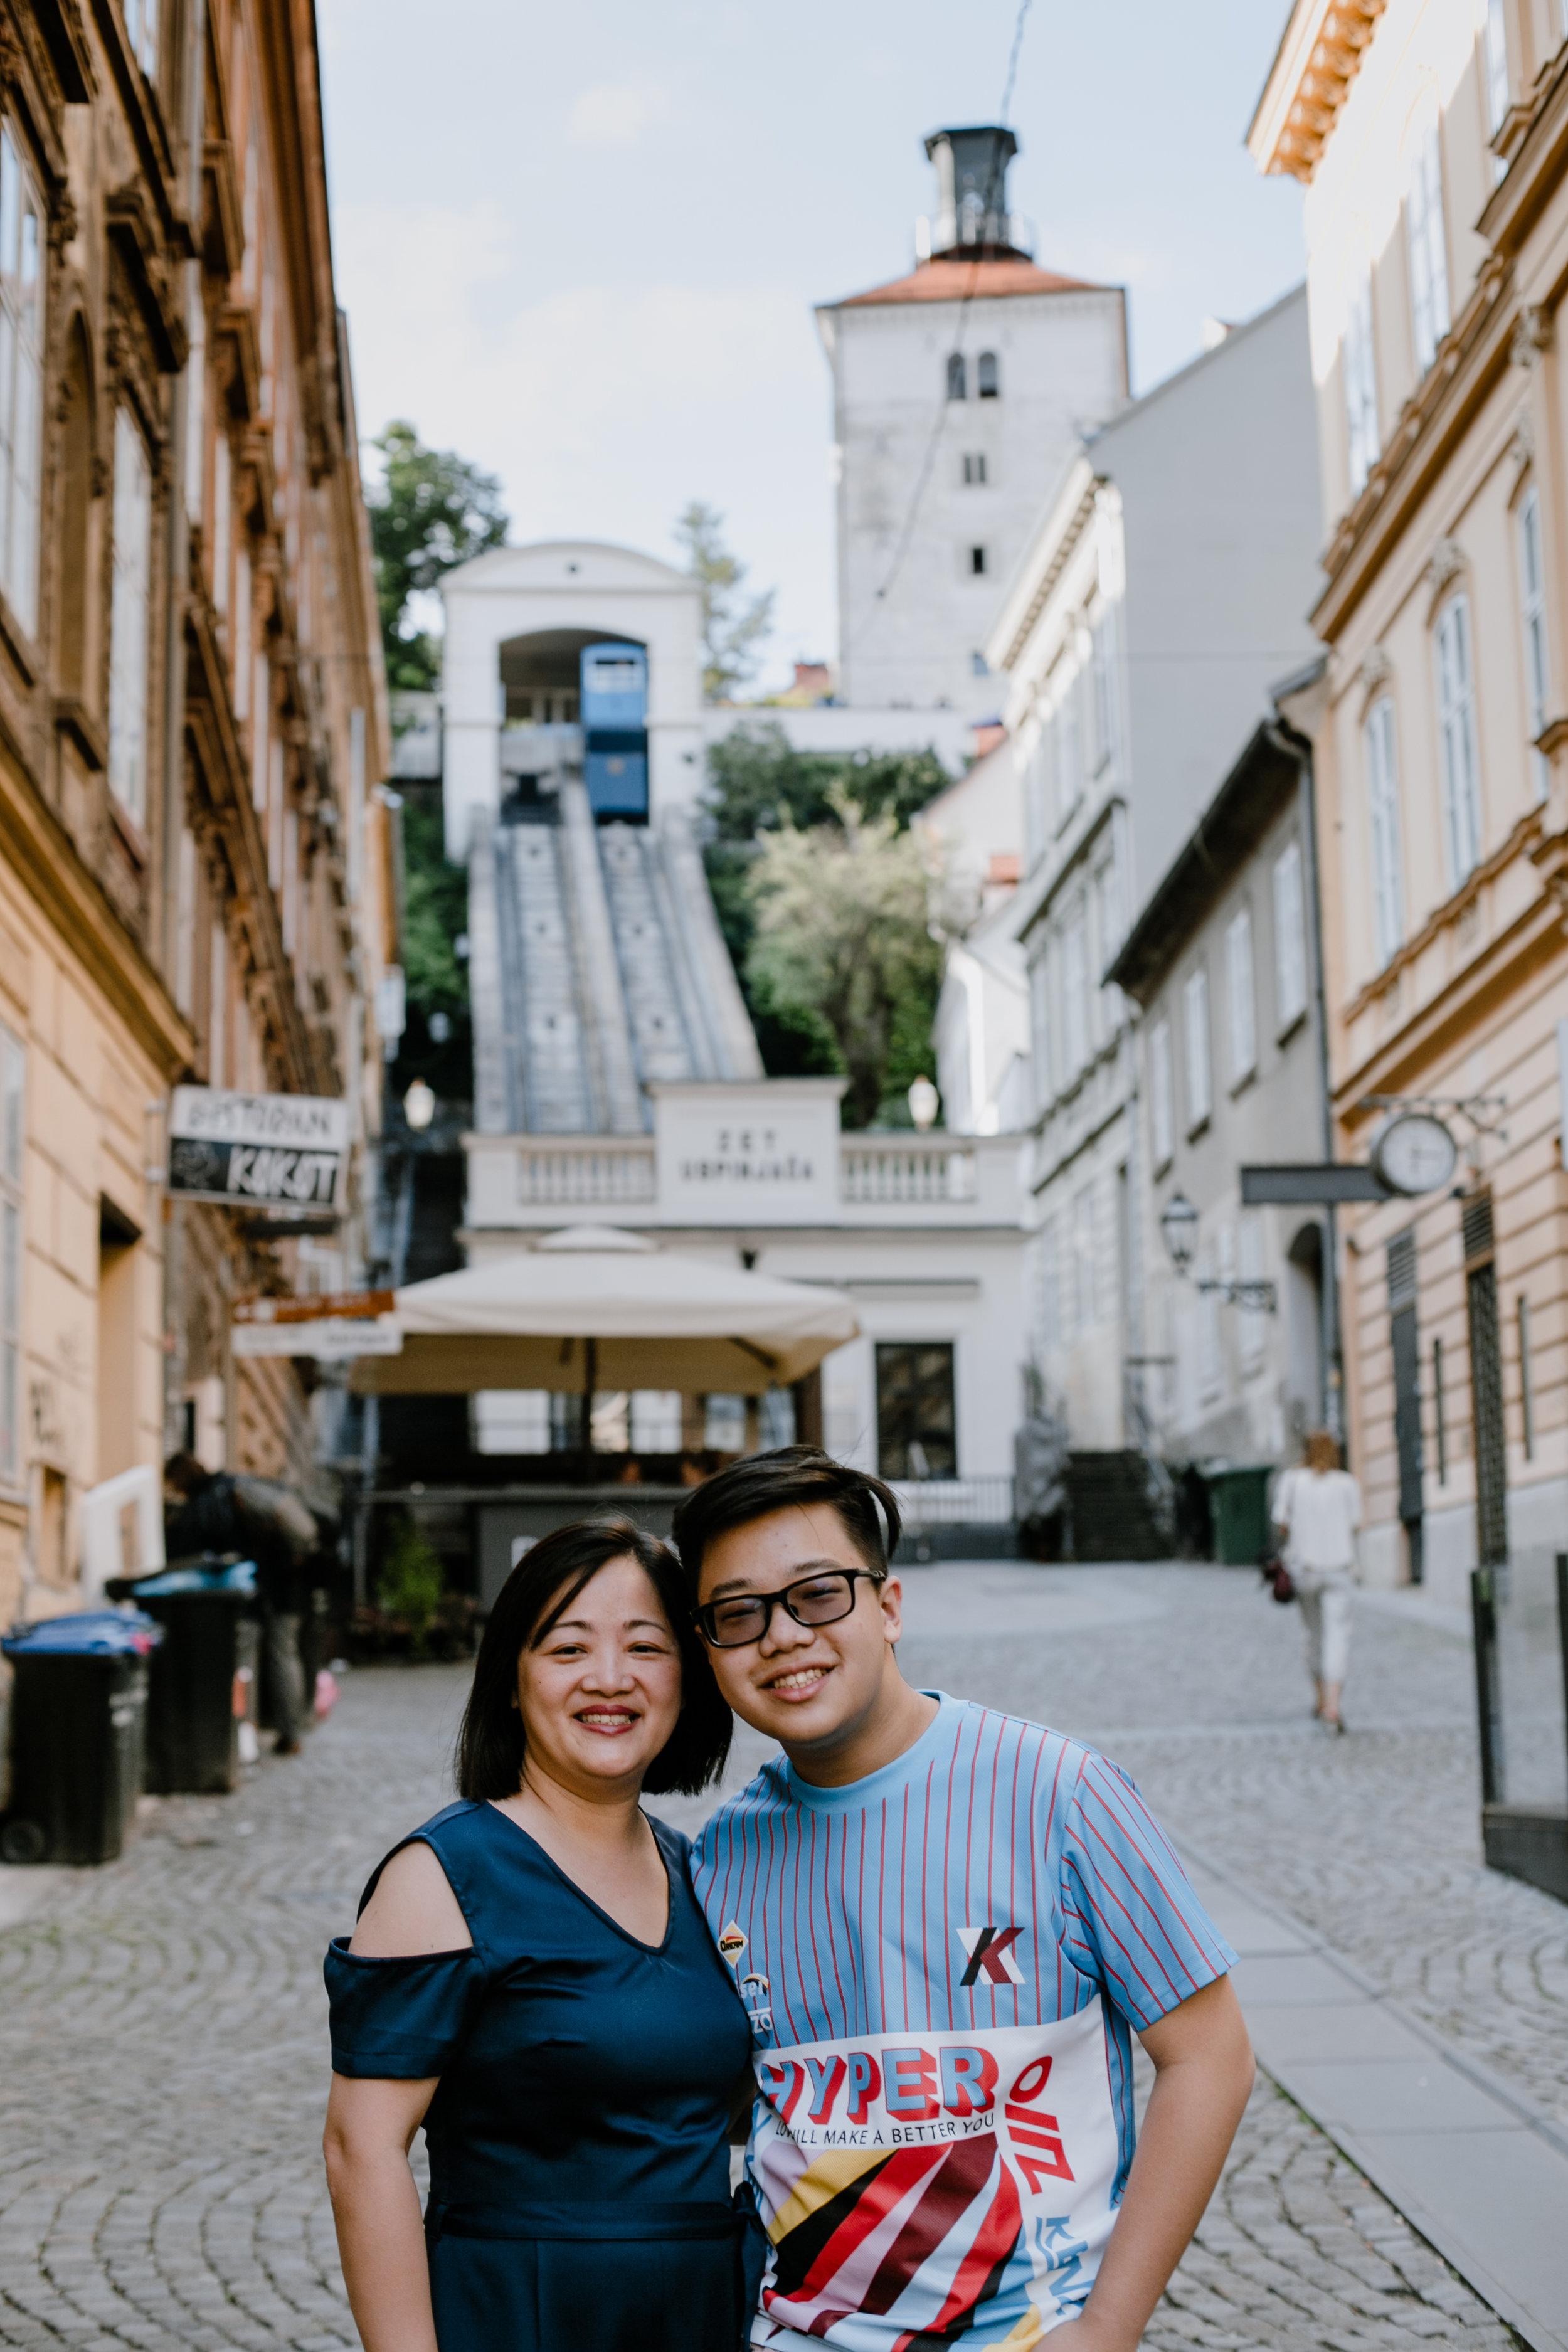 Annabelle & Patrick - Zagreb city portrait tour